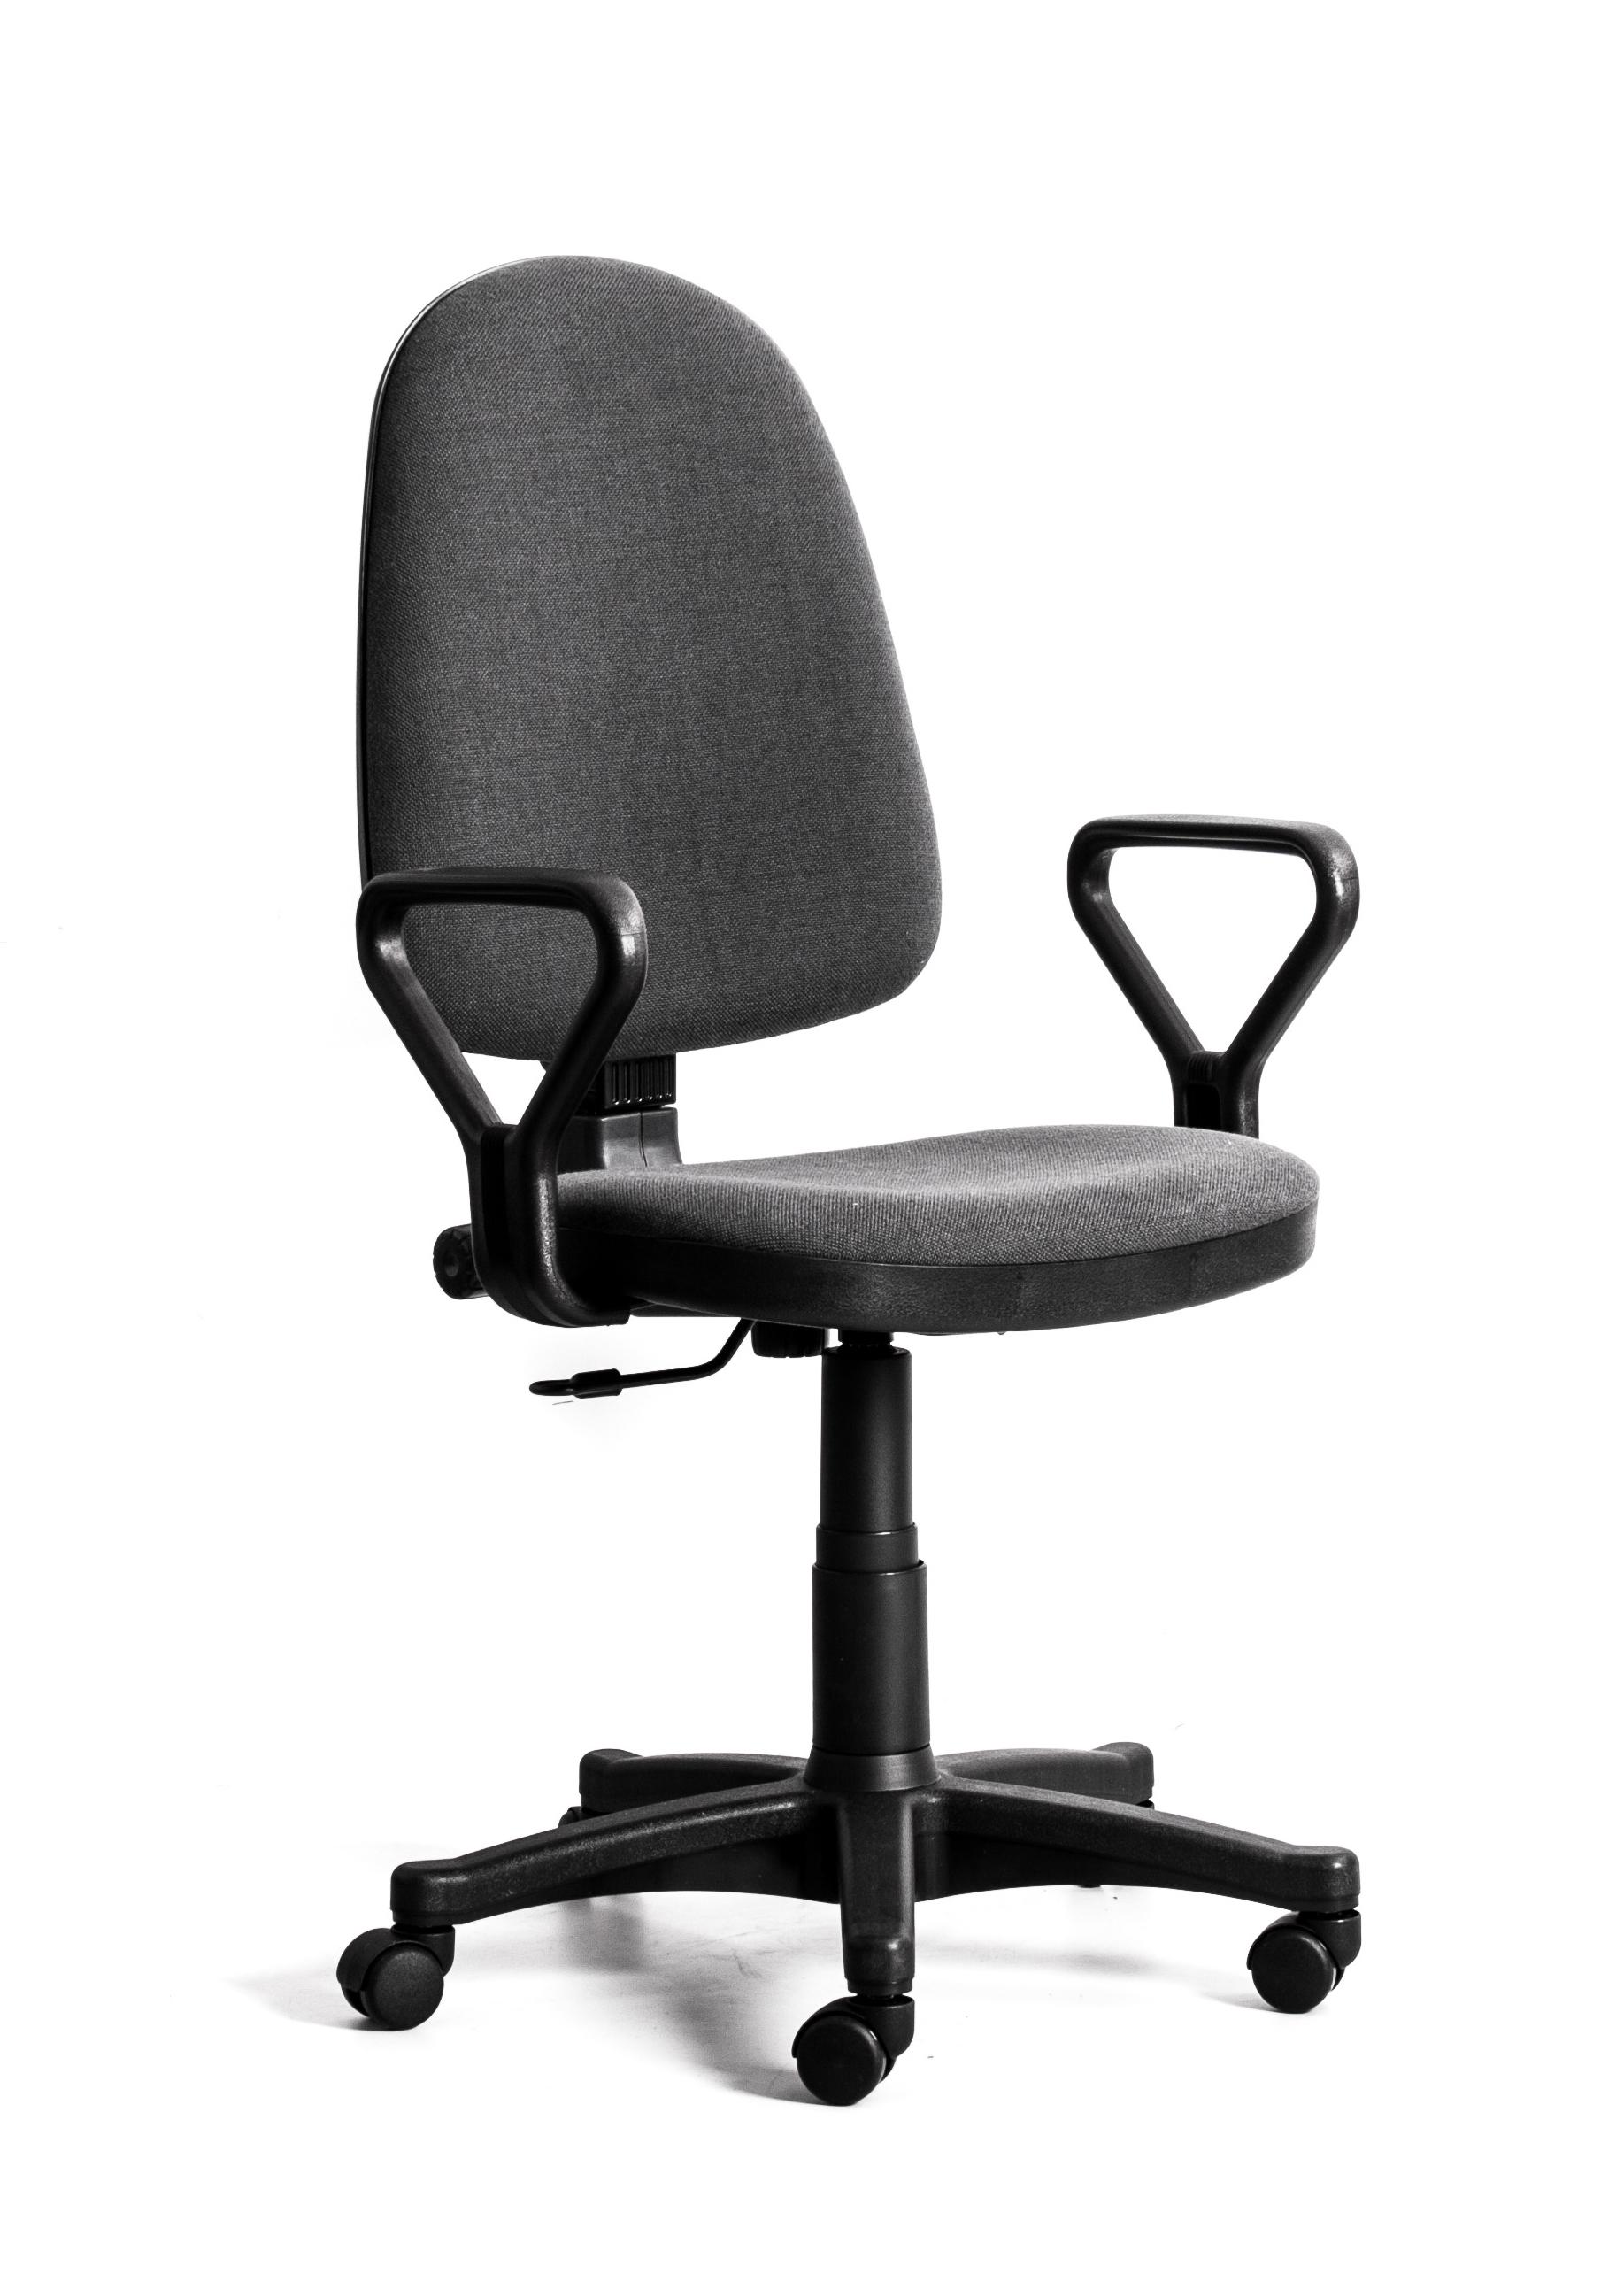 Кресло Recardo Assistant/Y подлокотник Y-образный (gtpPN/c38/Серый), ткань, 120кг, выс. спинки 565-620мм, ВШГ 995-1110*465*420мм, крест. пласт. 600мм